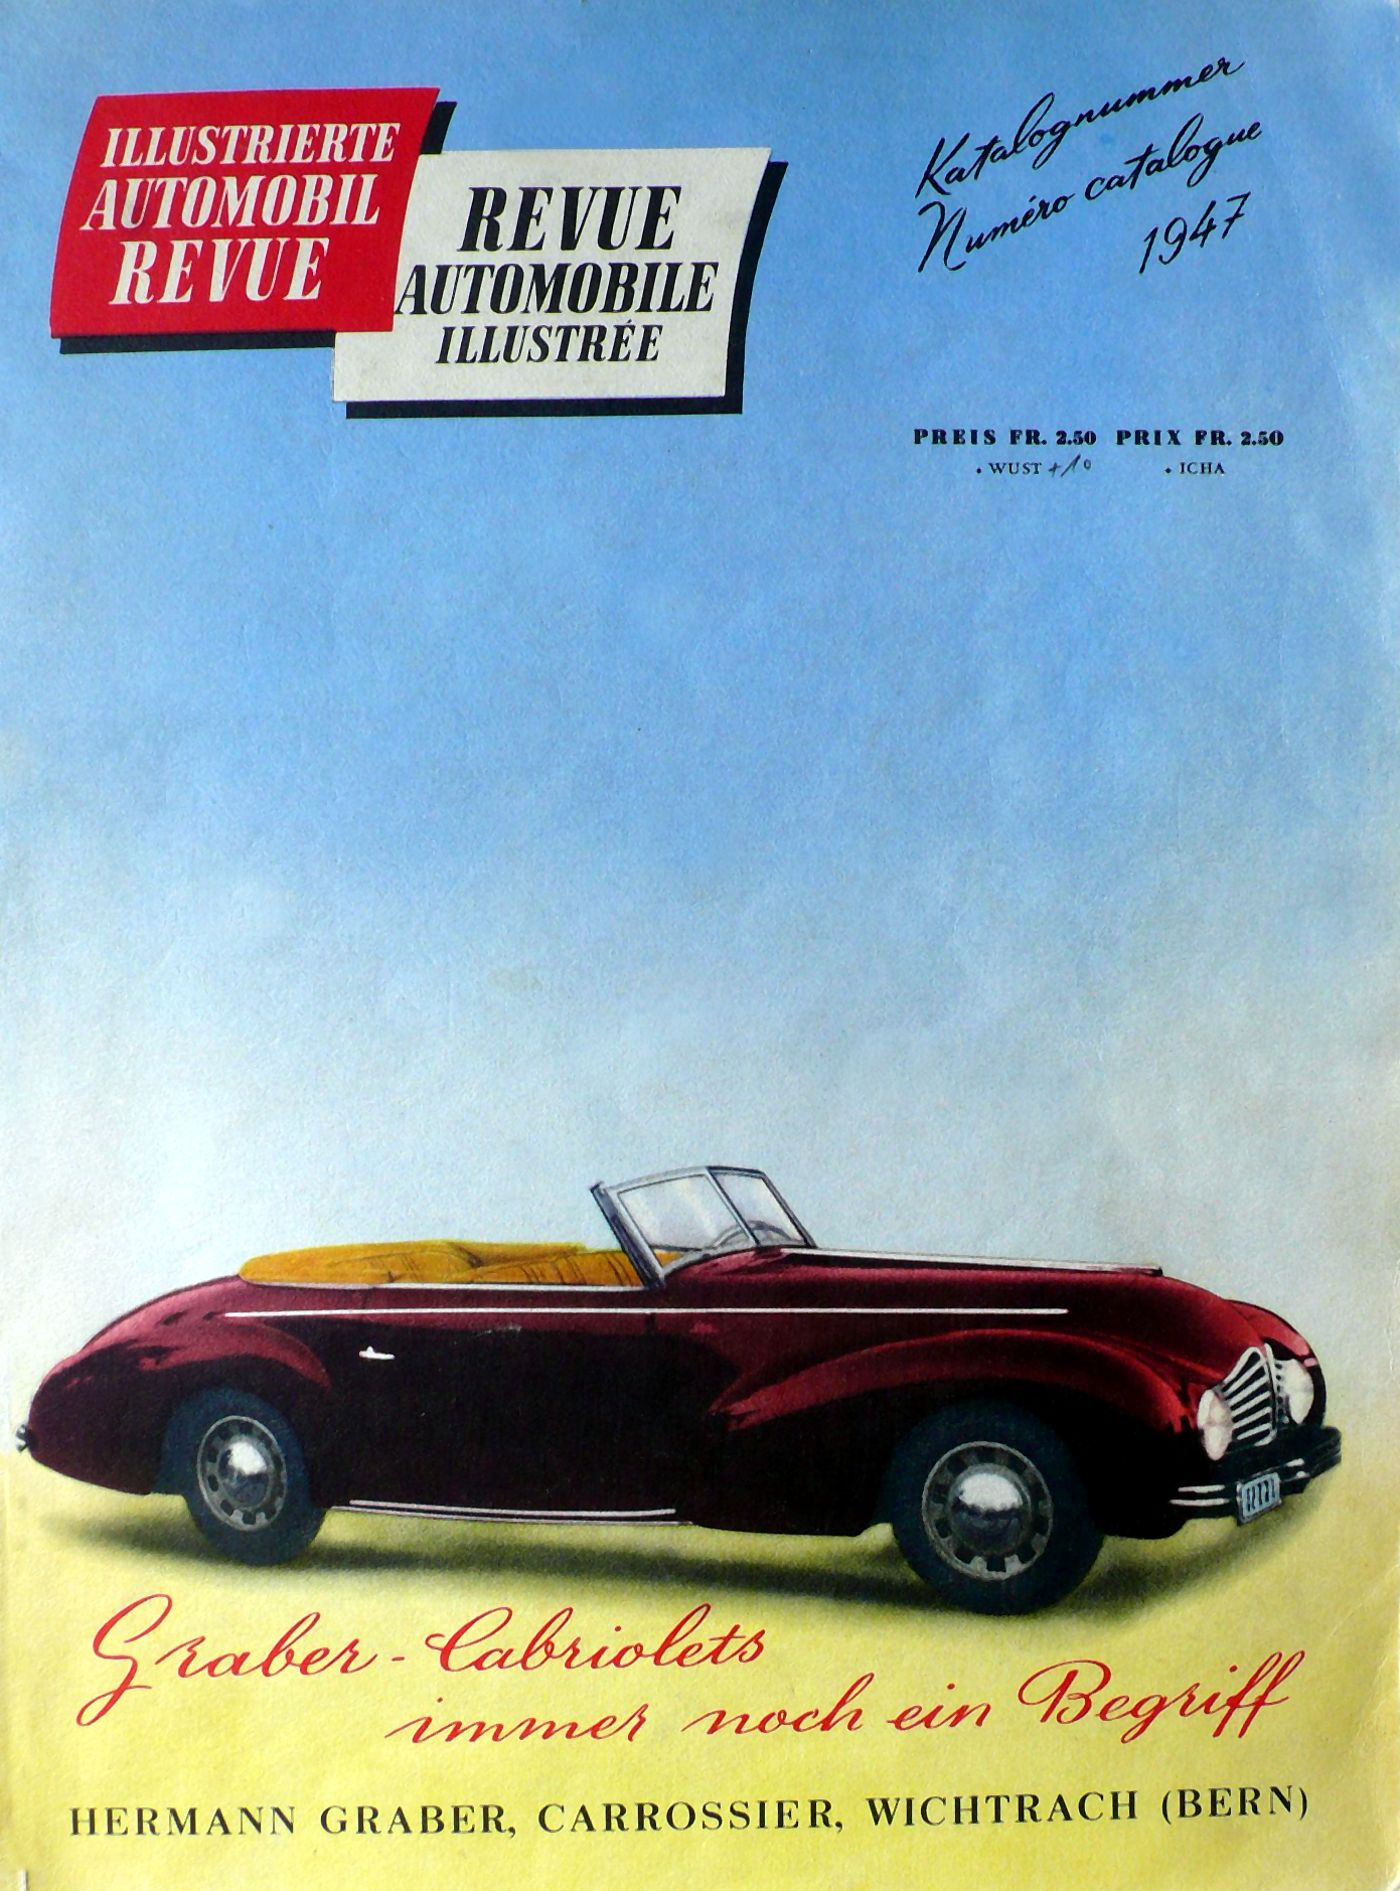 Der Peugeot 402 Graber auf dem Titelbild des Automobil Revue Katalogs 1947